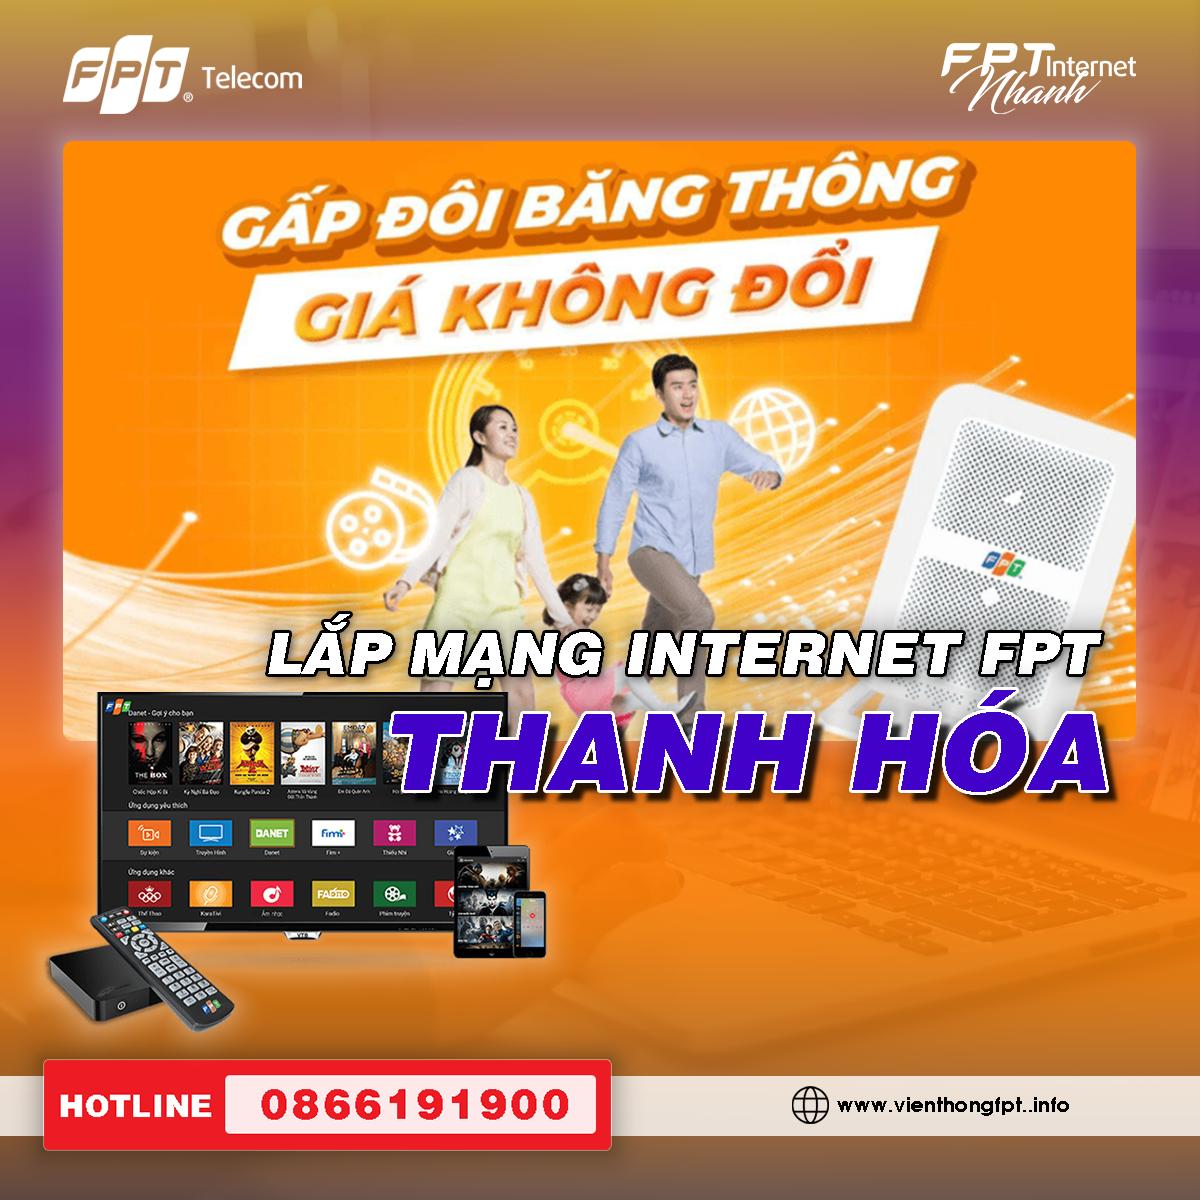 Đăng ký Internet FPT Thanh Hóa - Miễn phí lắp đặt - Tặng 2 tháng cước